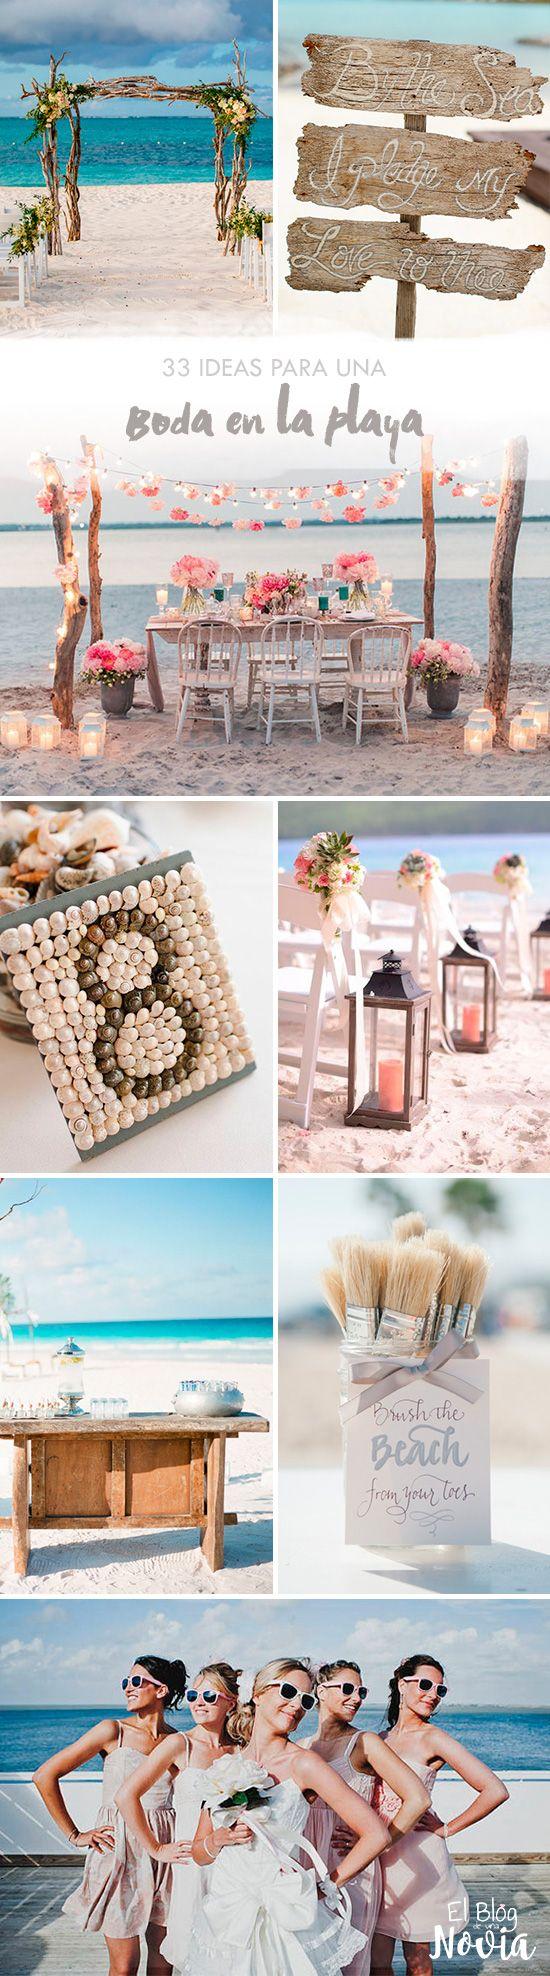 33 Ideas para una Boda en la Playa | El Blog de una Novia | #bodaplaya #boda…